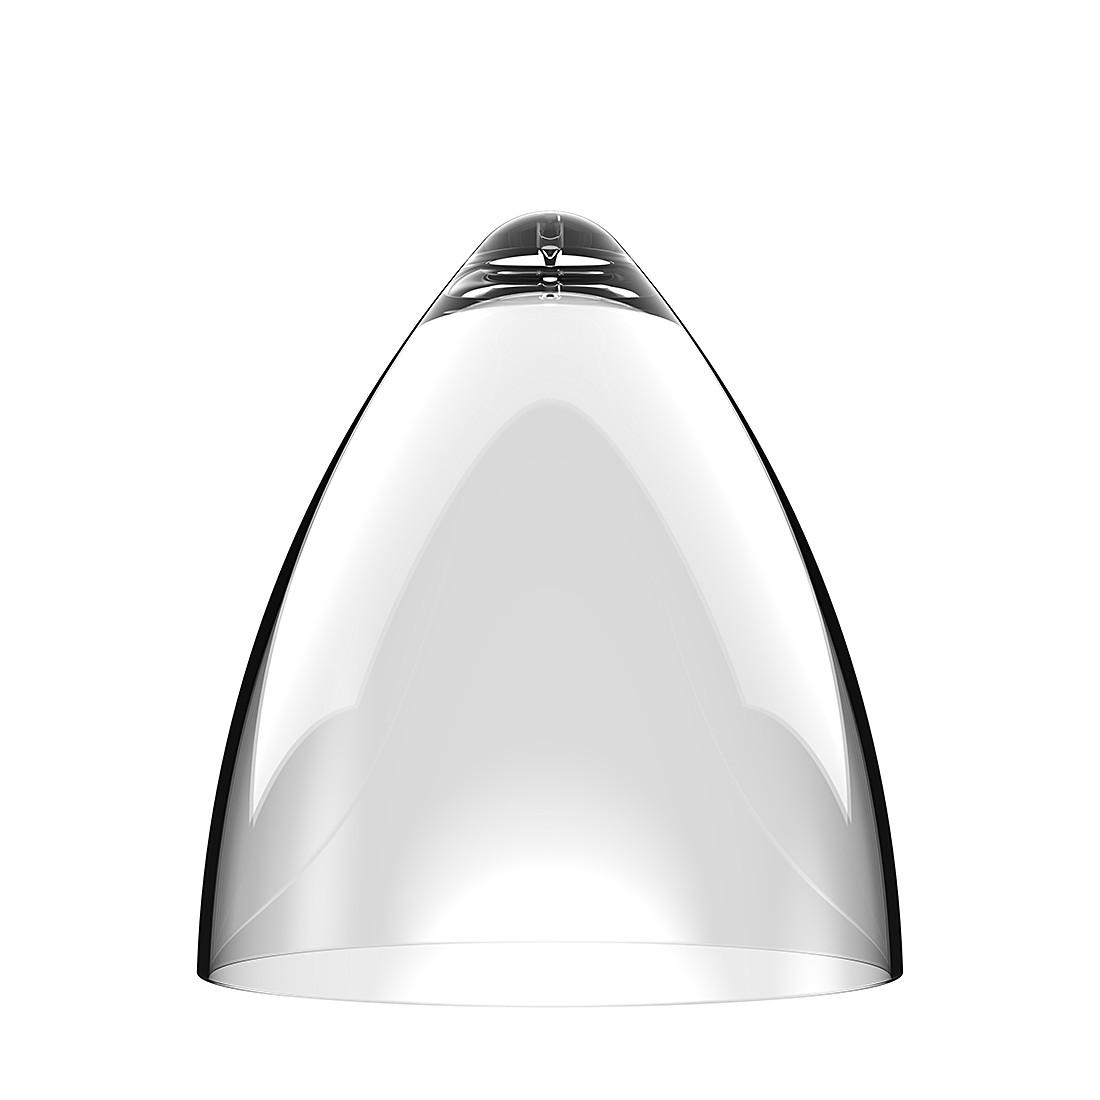 Leuchtschirm Funk ● Acryl Klar ● Durchmesser 22cm- Nordlux